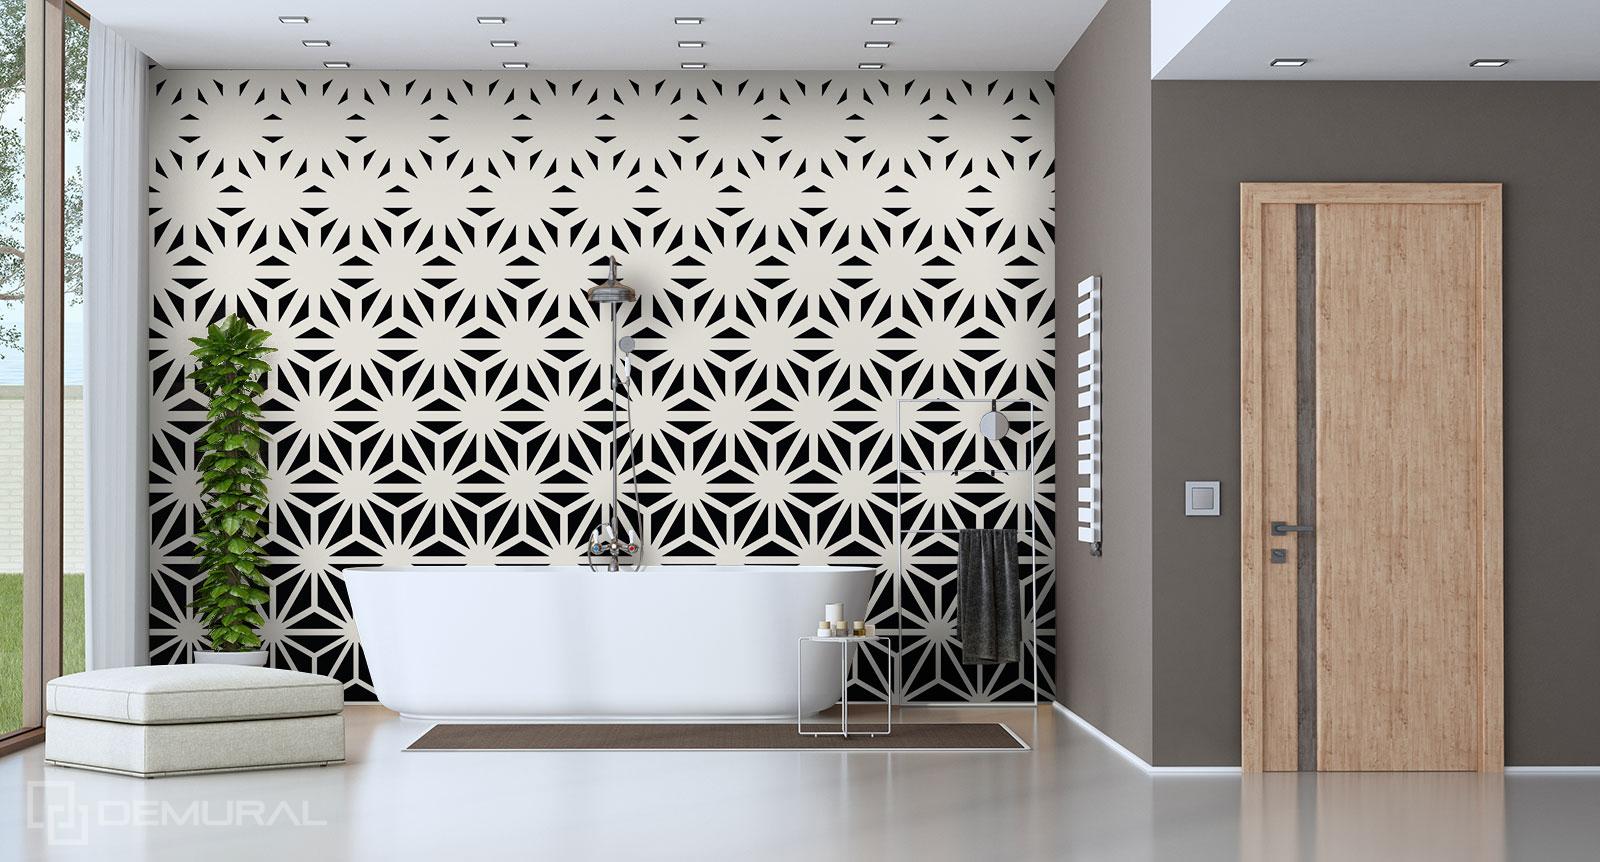 Fototapete Geometrie - Fototapete im Badezimmer - Demural